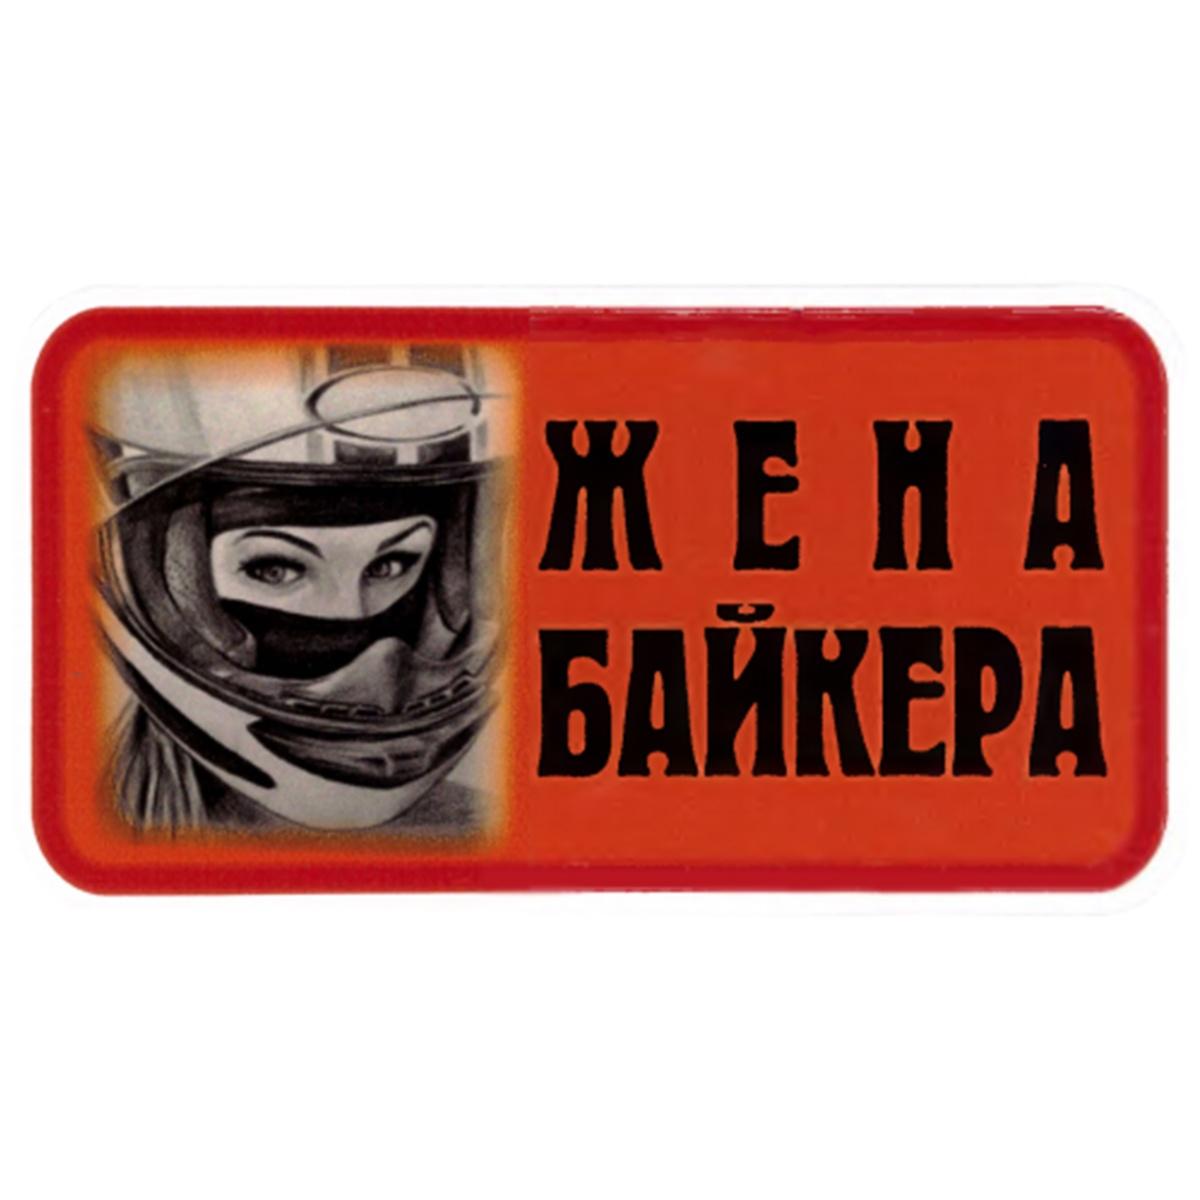 Фото - Наклейка на автомобиль Жена байкера виниловая 15х15 наклейка инвалид в авто двухсторонняя 15х15 см